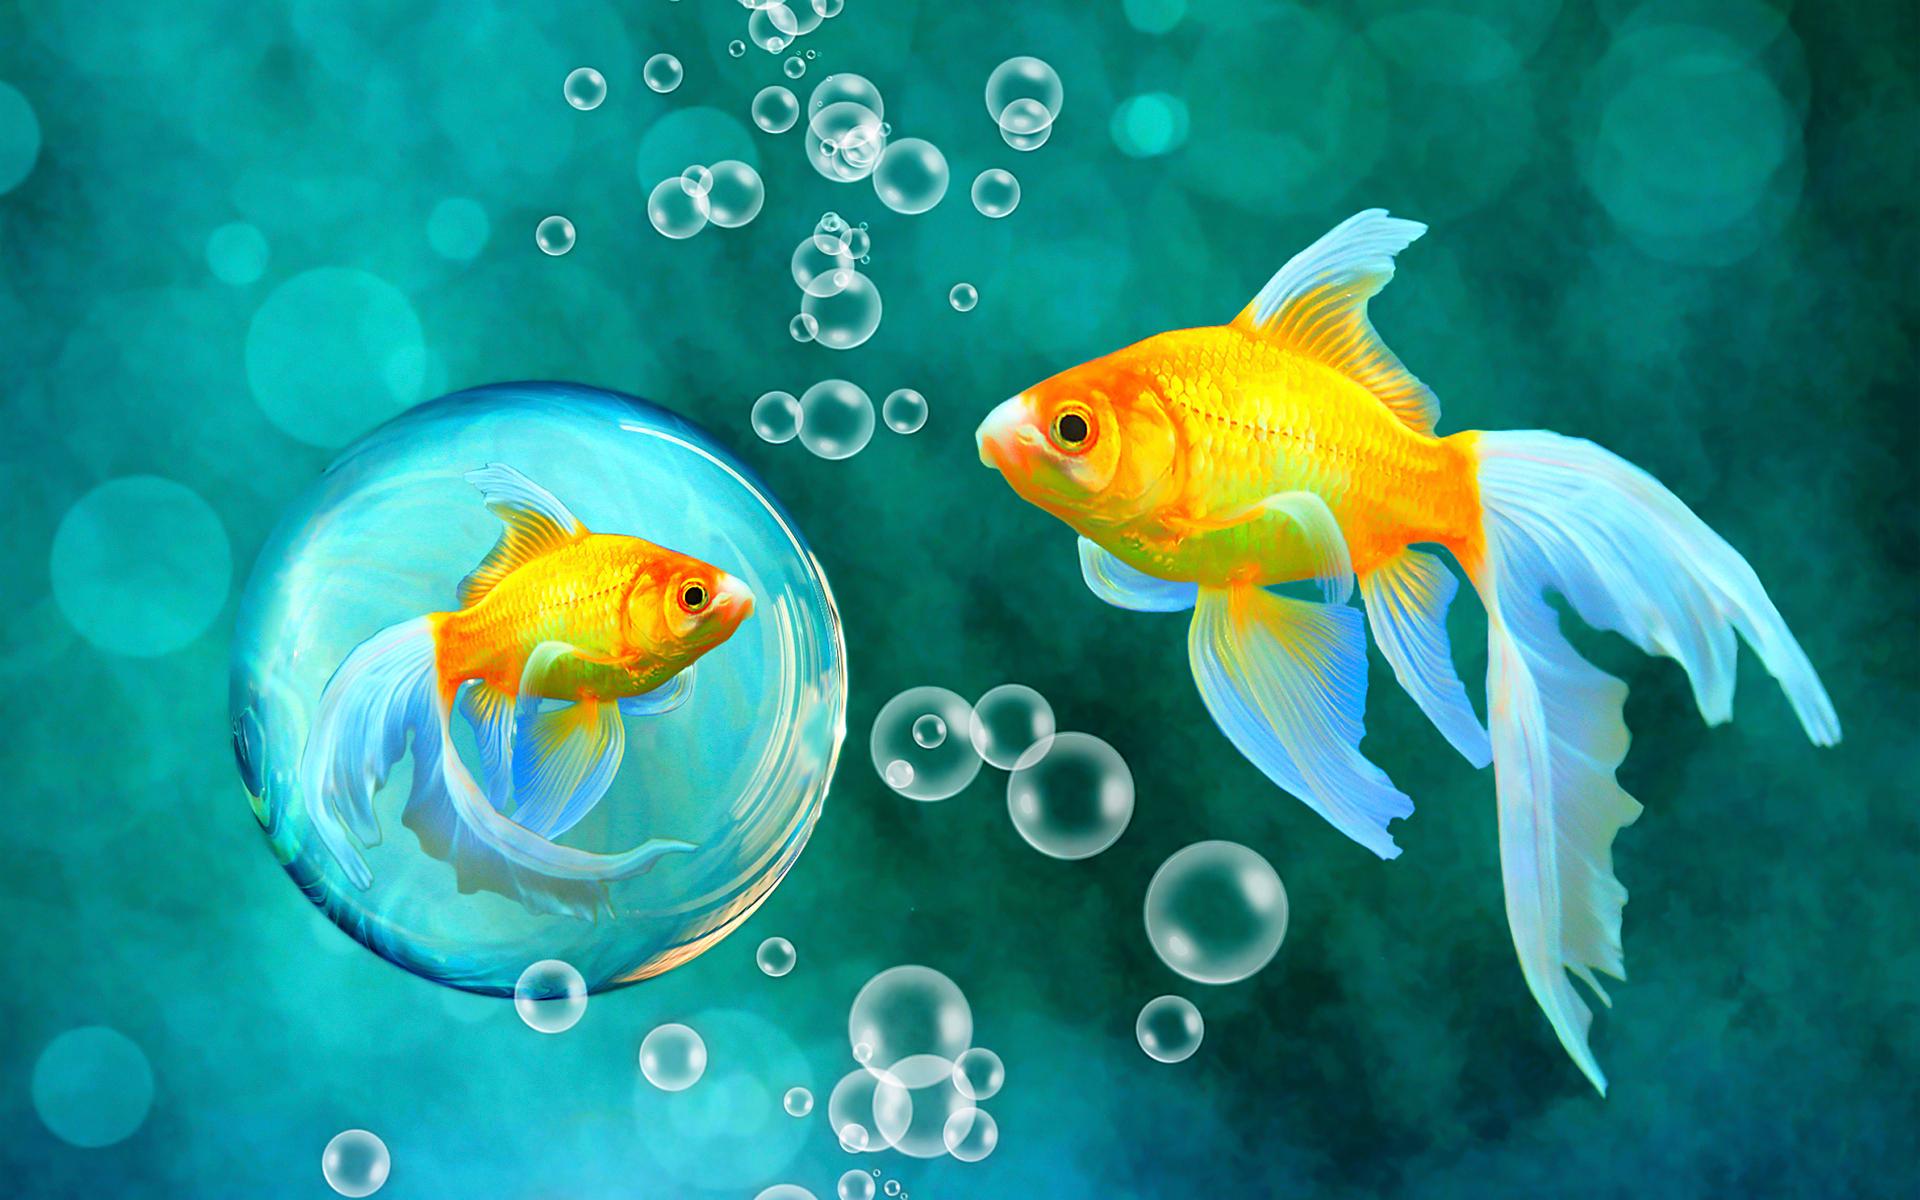 El pez dorado - 1920x1200